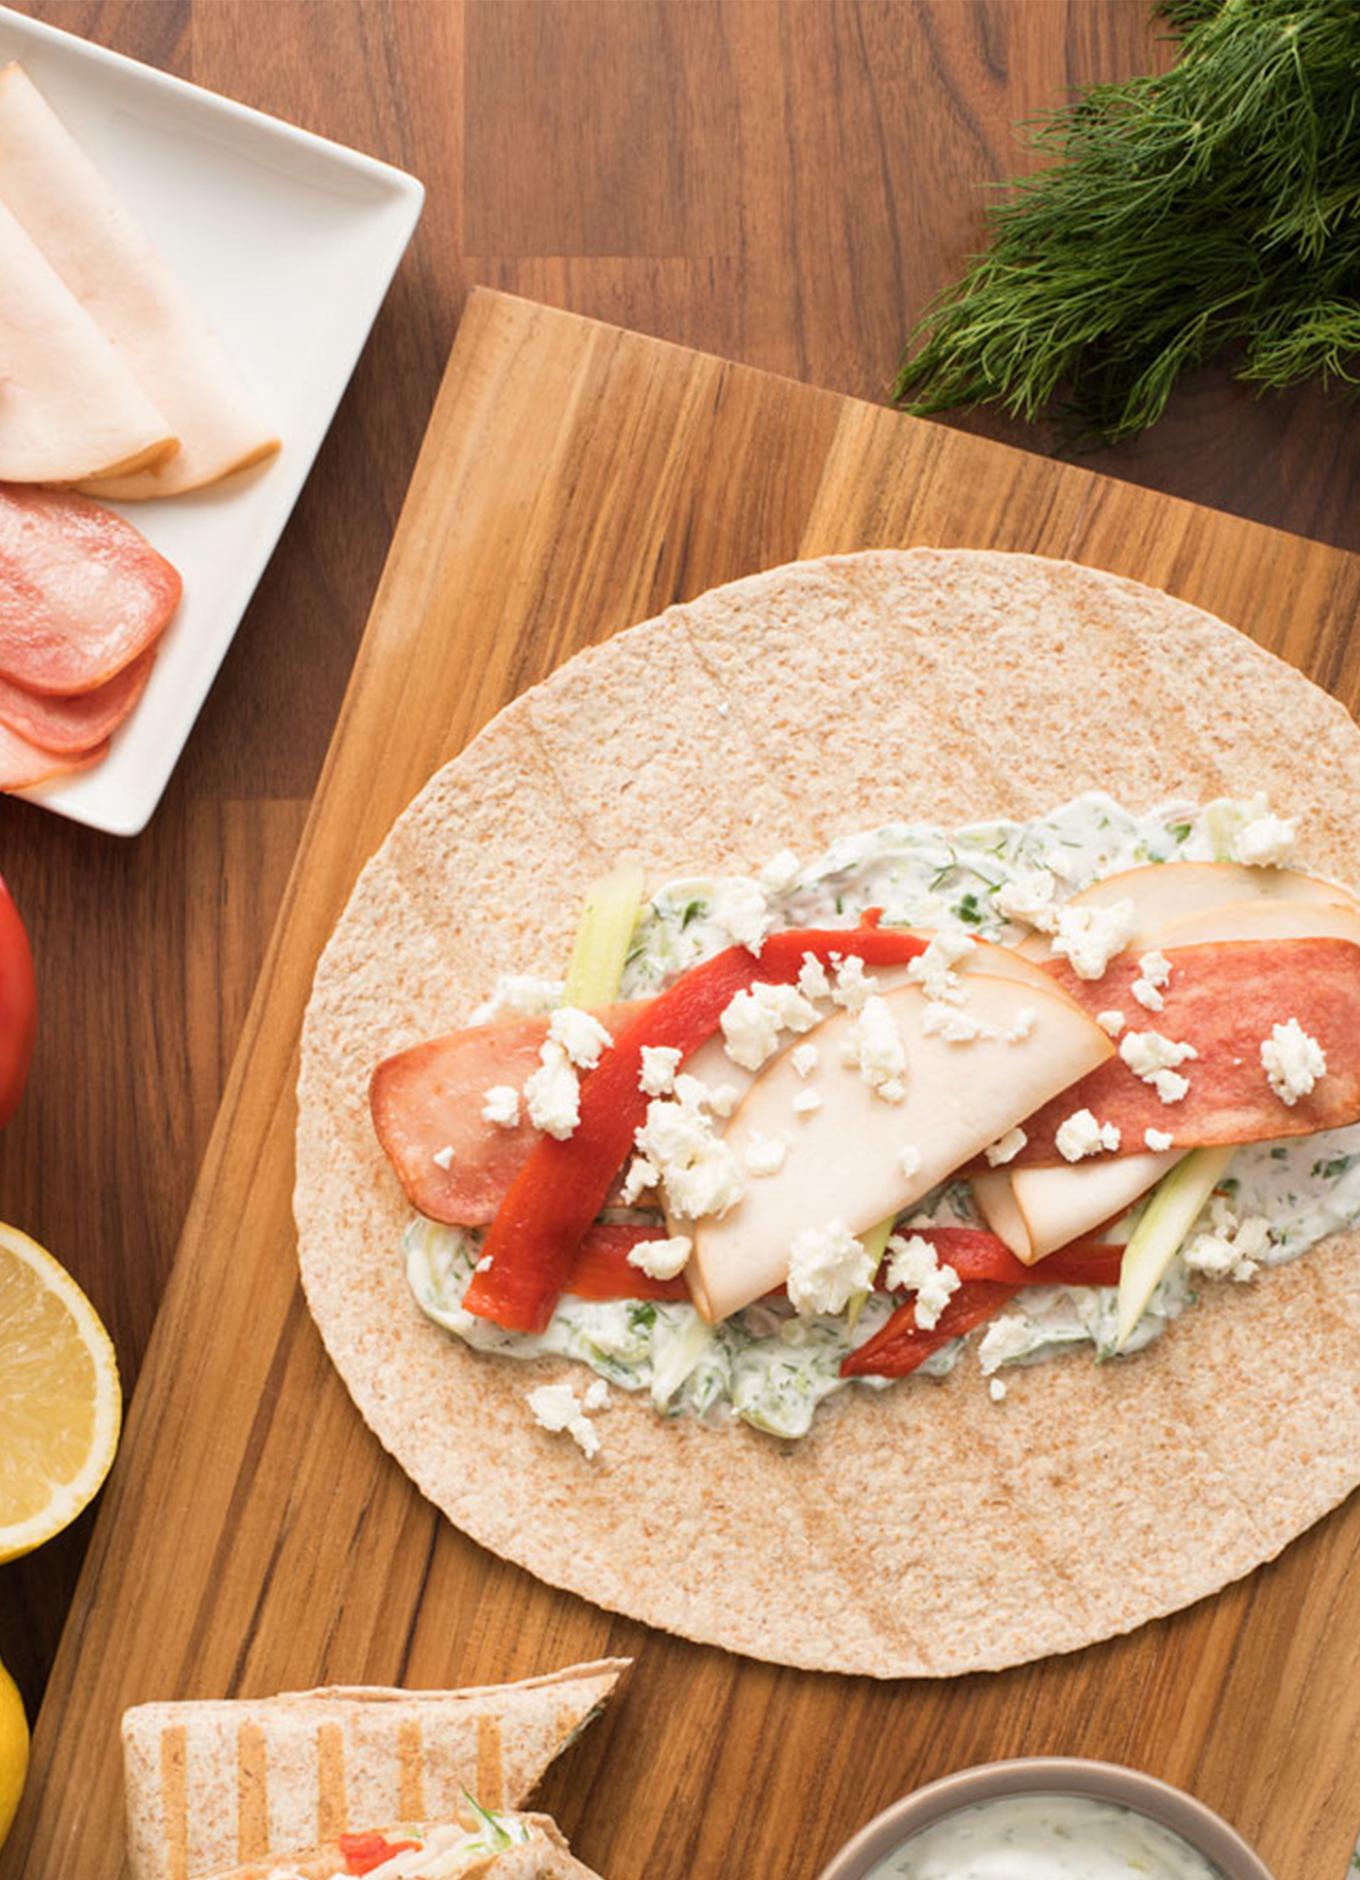 Une tortilla au poulet méditerranéen sur une planche à découper en bois accompagnée d'ingrédients frais.